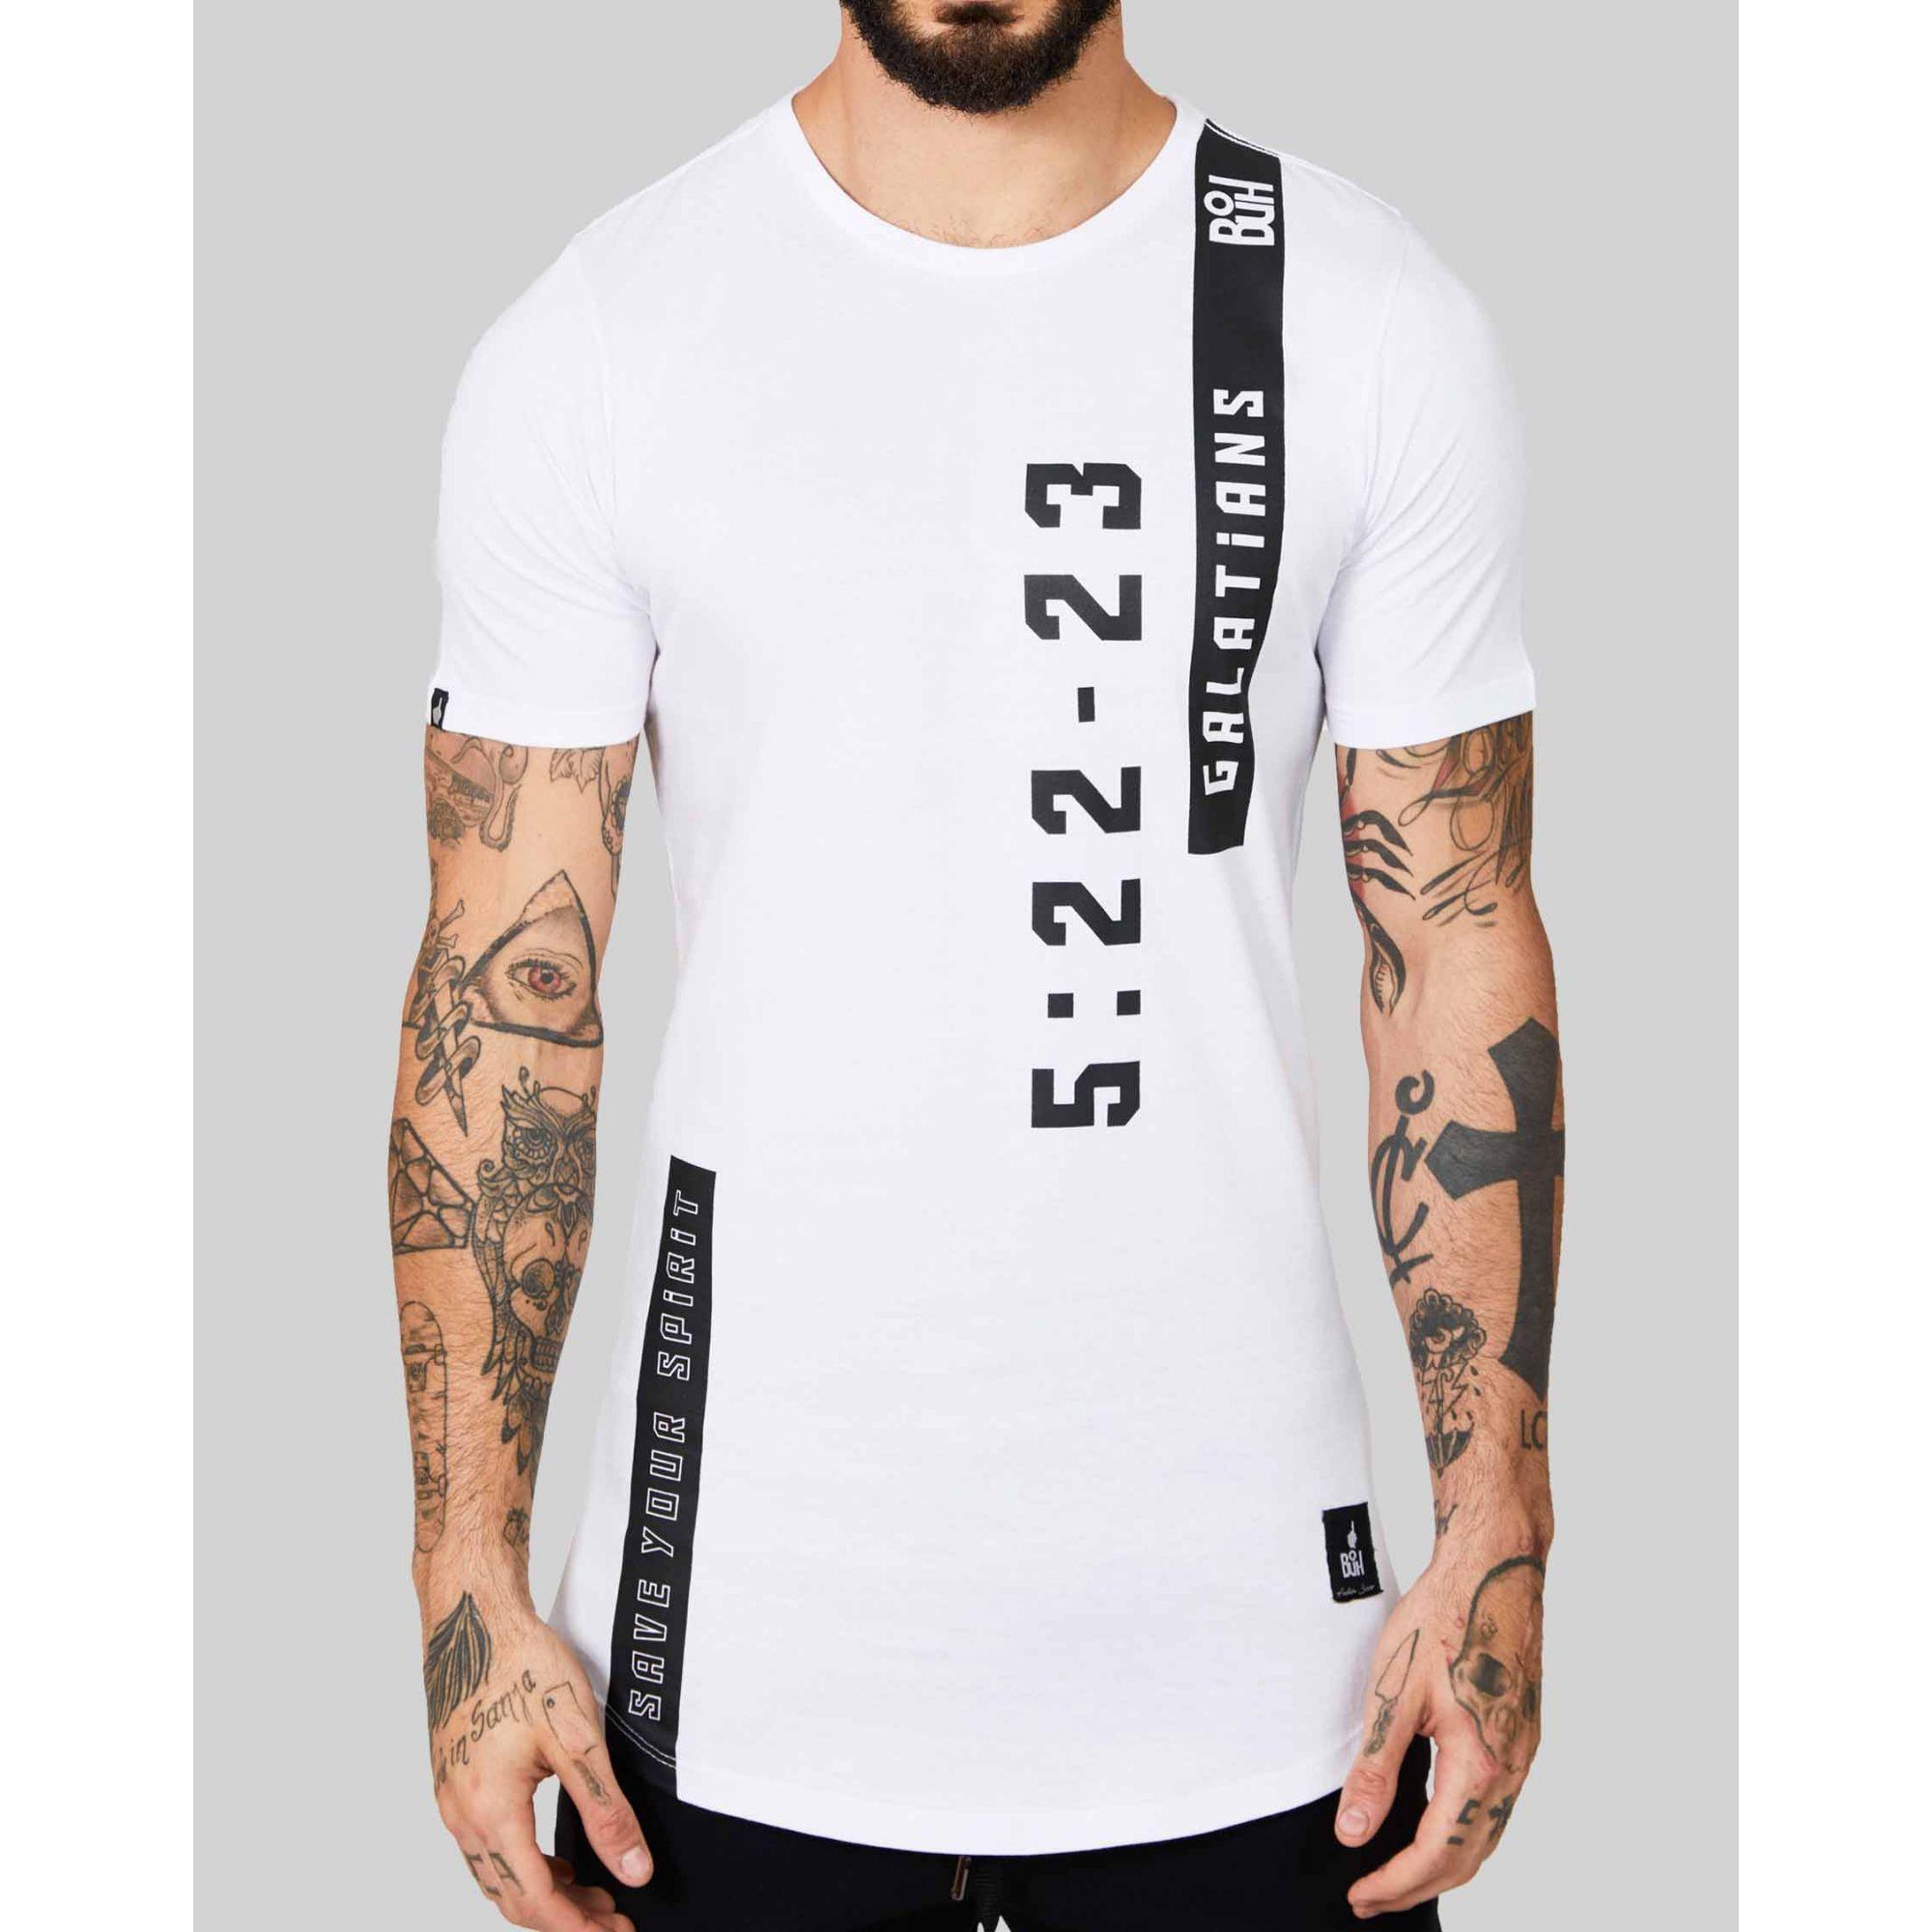 Camiseta Buh Gálatas White